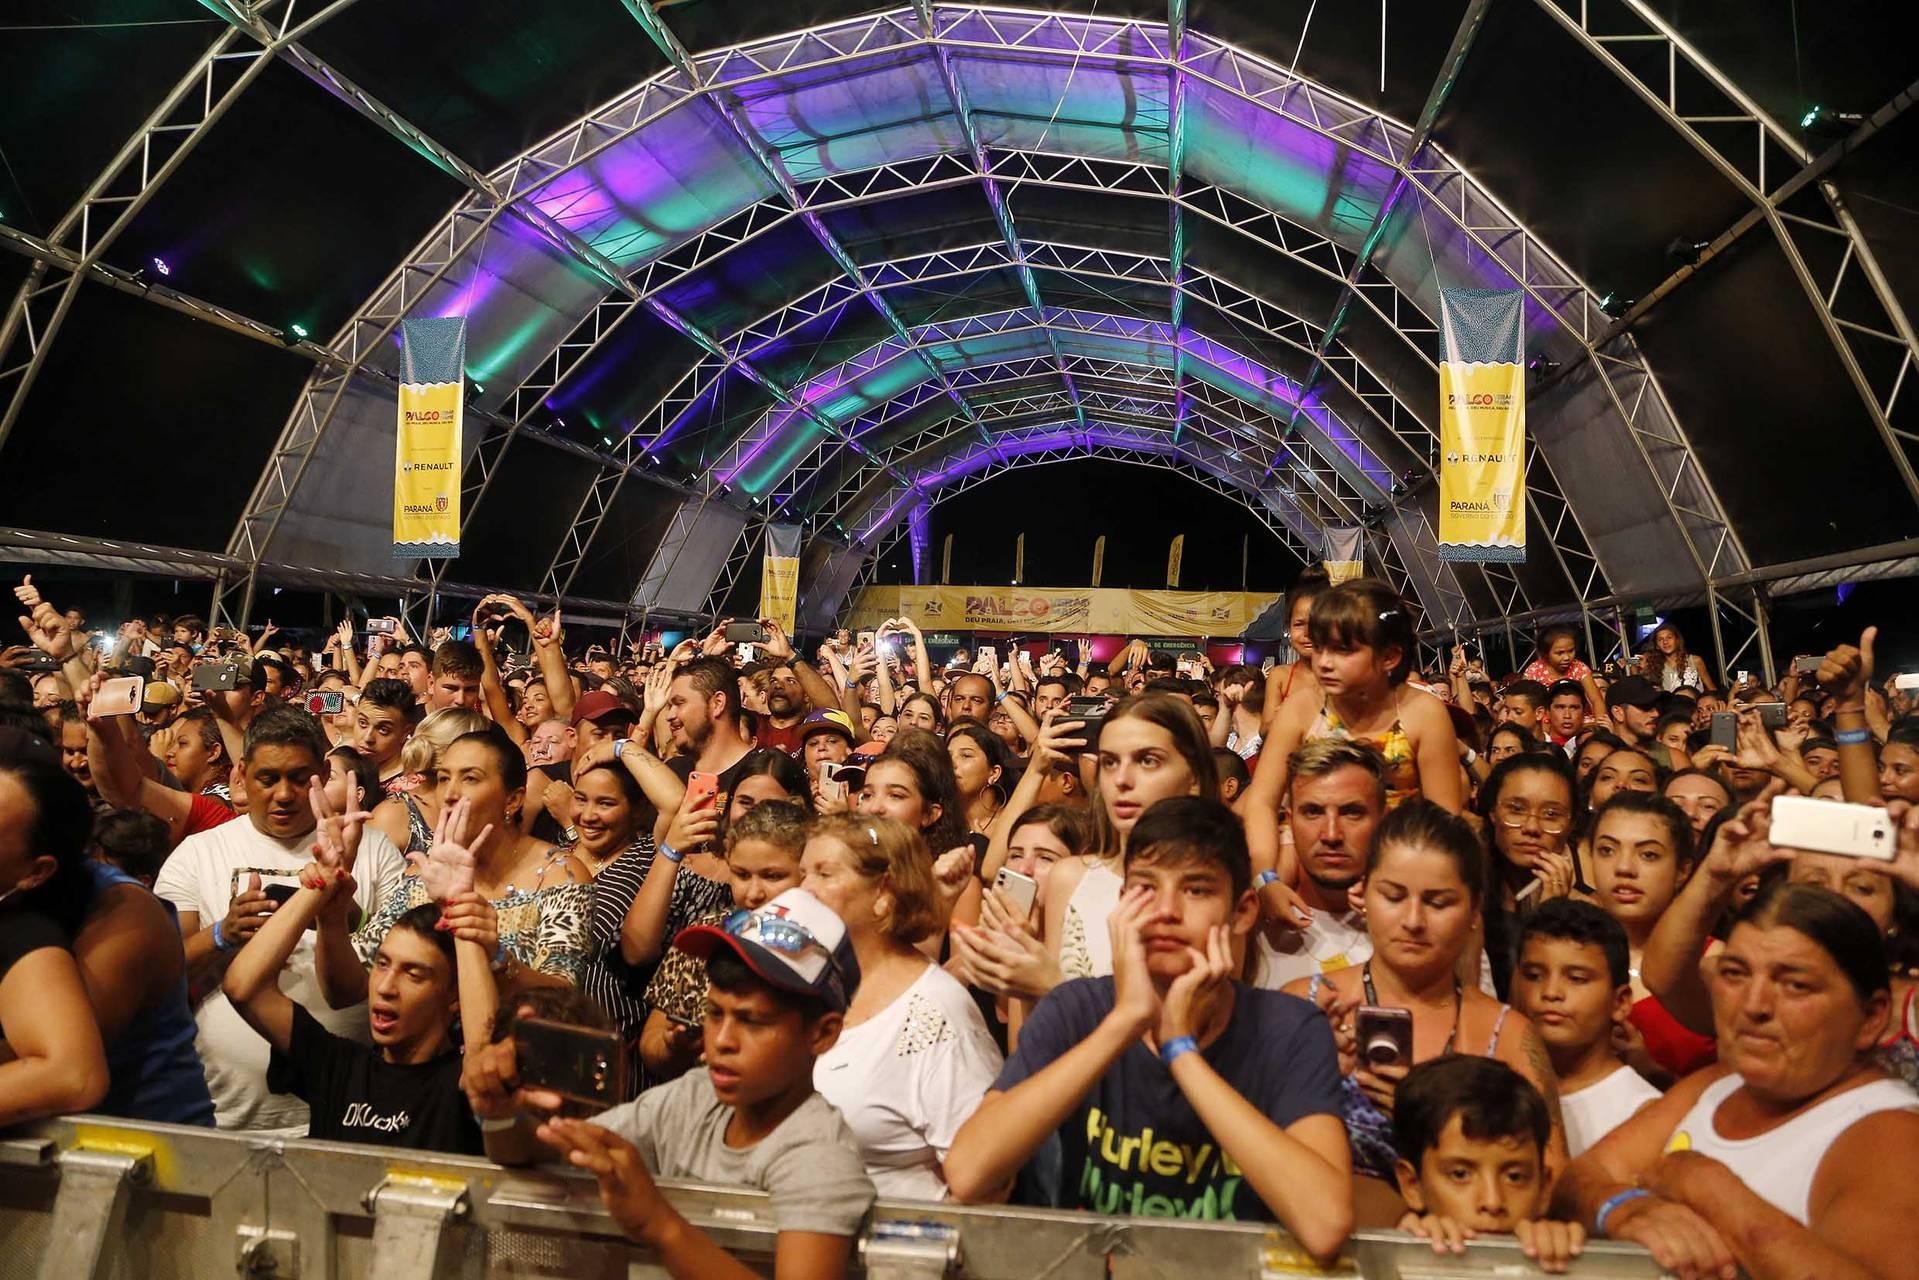 Os eventos são gratuitos e fazem parte da programação cultural promovida pelo Governo do Estado em parceria com a Renault do Brasil.